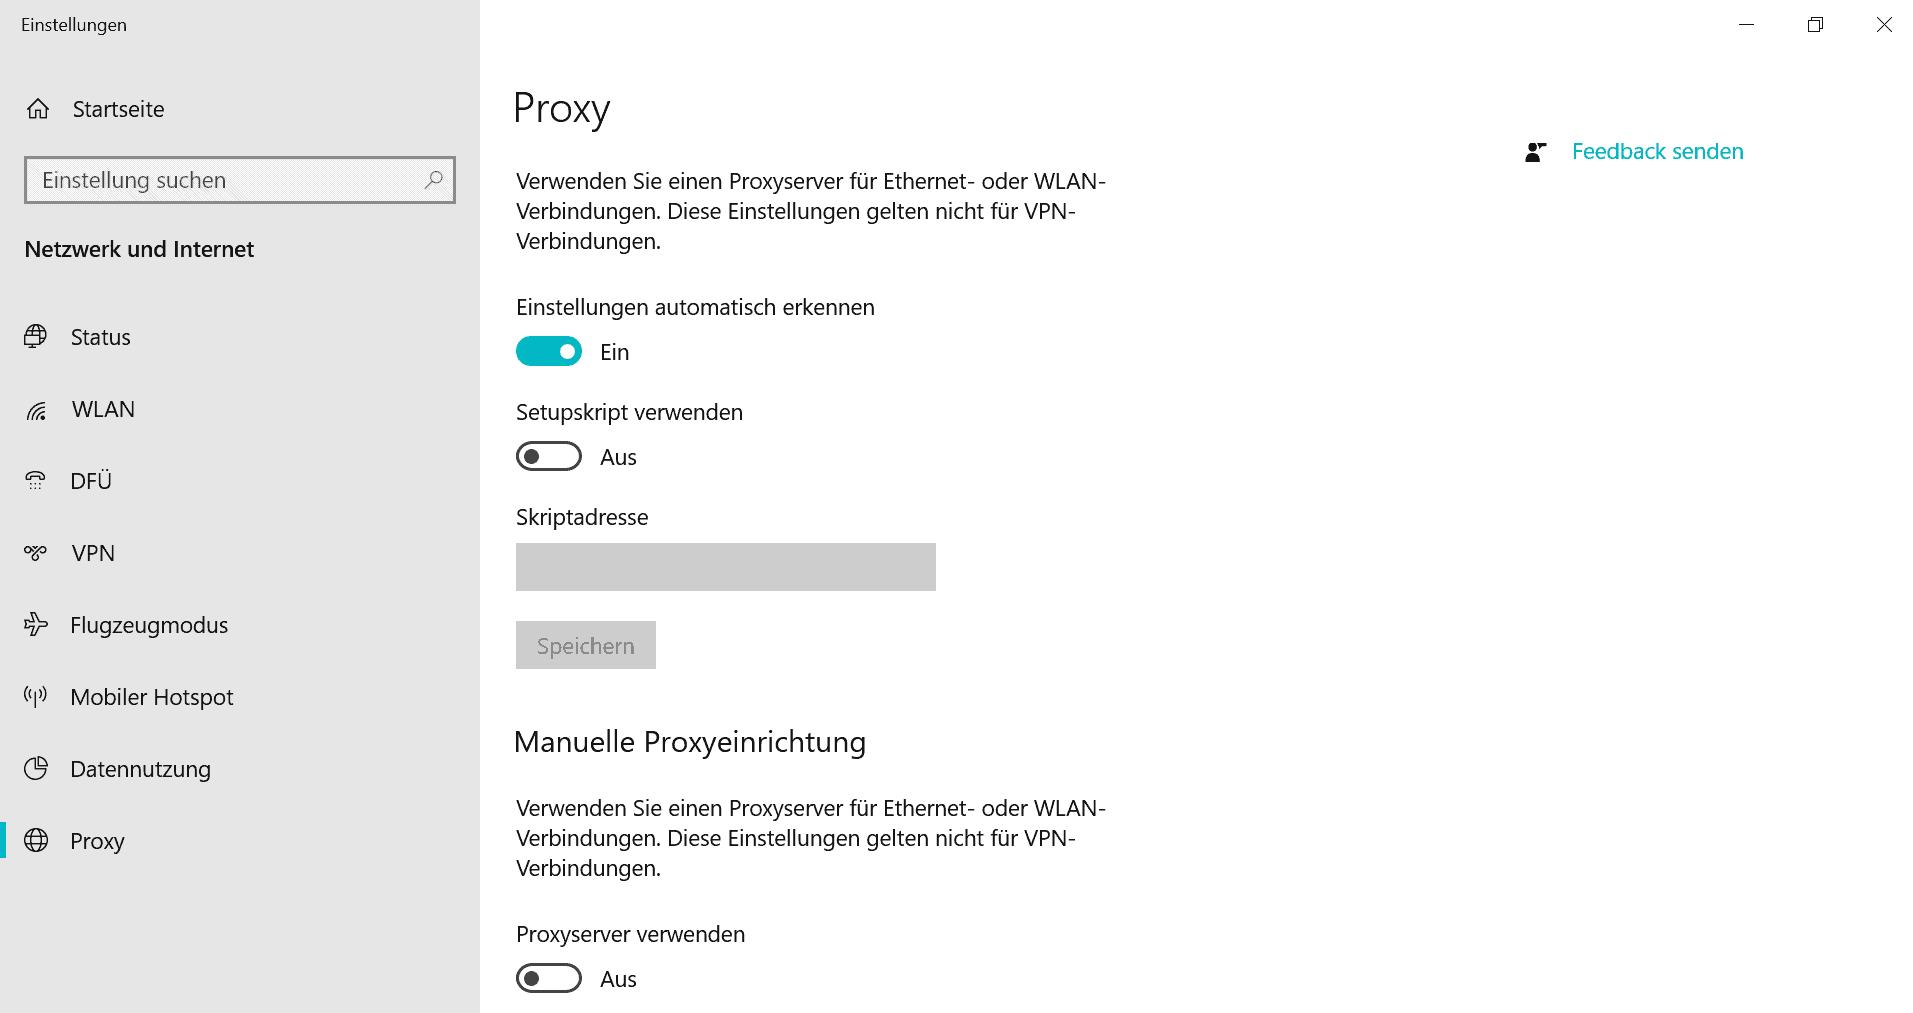 m7111-1331-2206 Windows Proxy Einstellungen